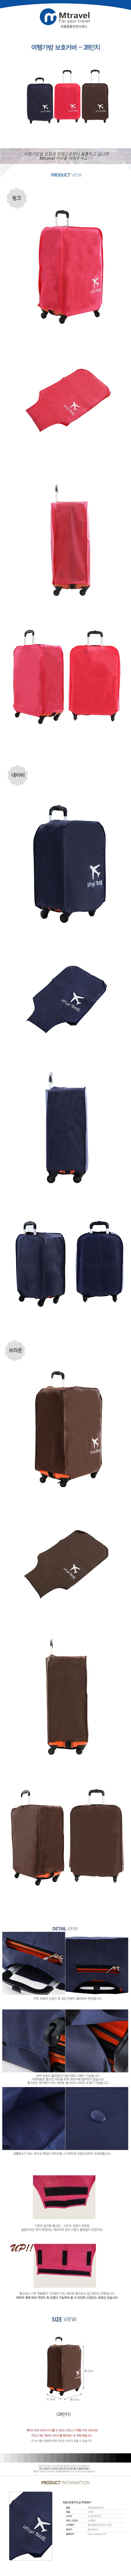 여행가방 보호커버 - 28형 - 엠트래블, 5,400원, 보호커버/스티커, 대형(25형) 이상